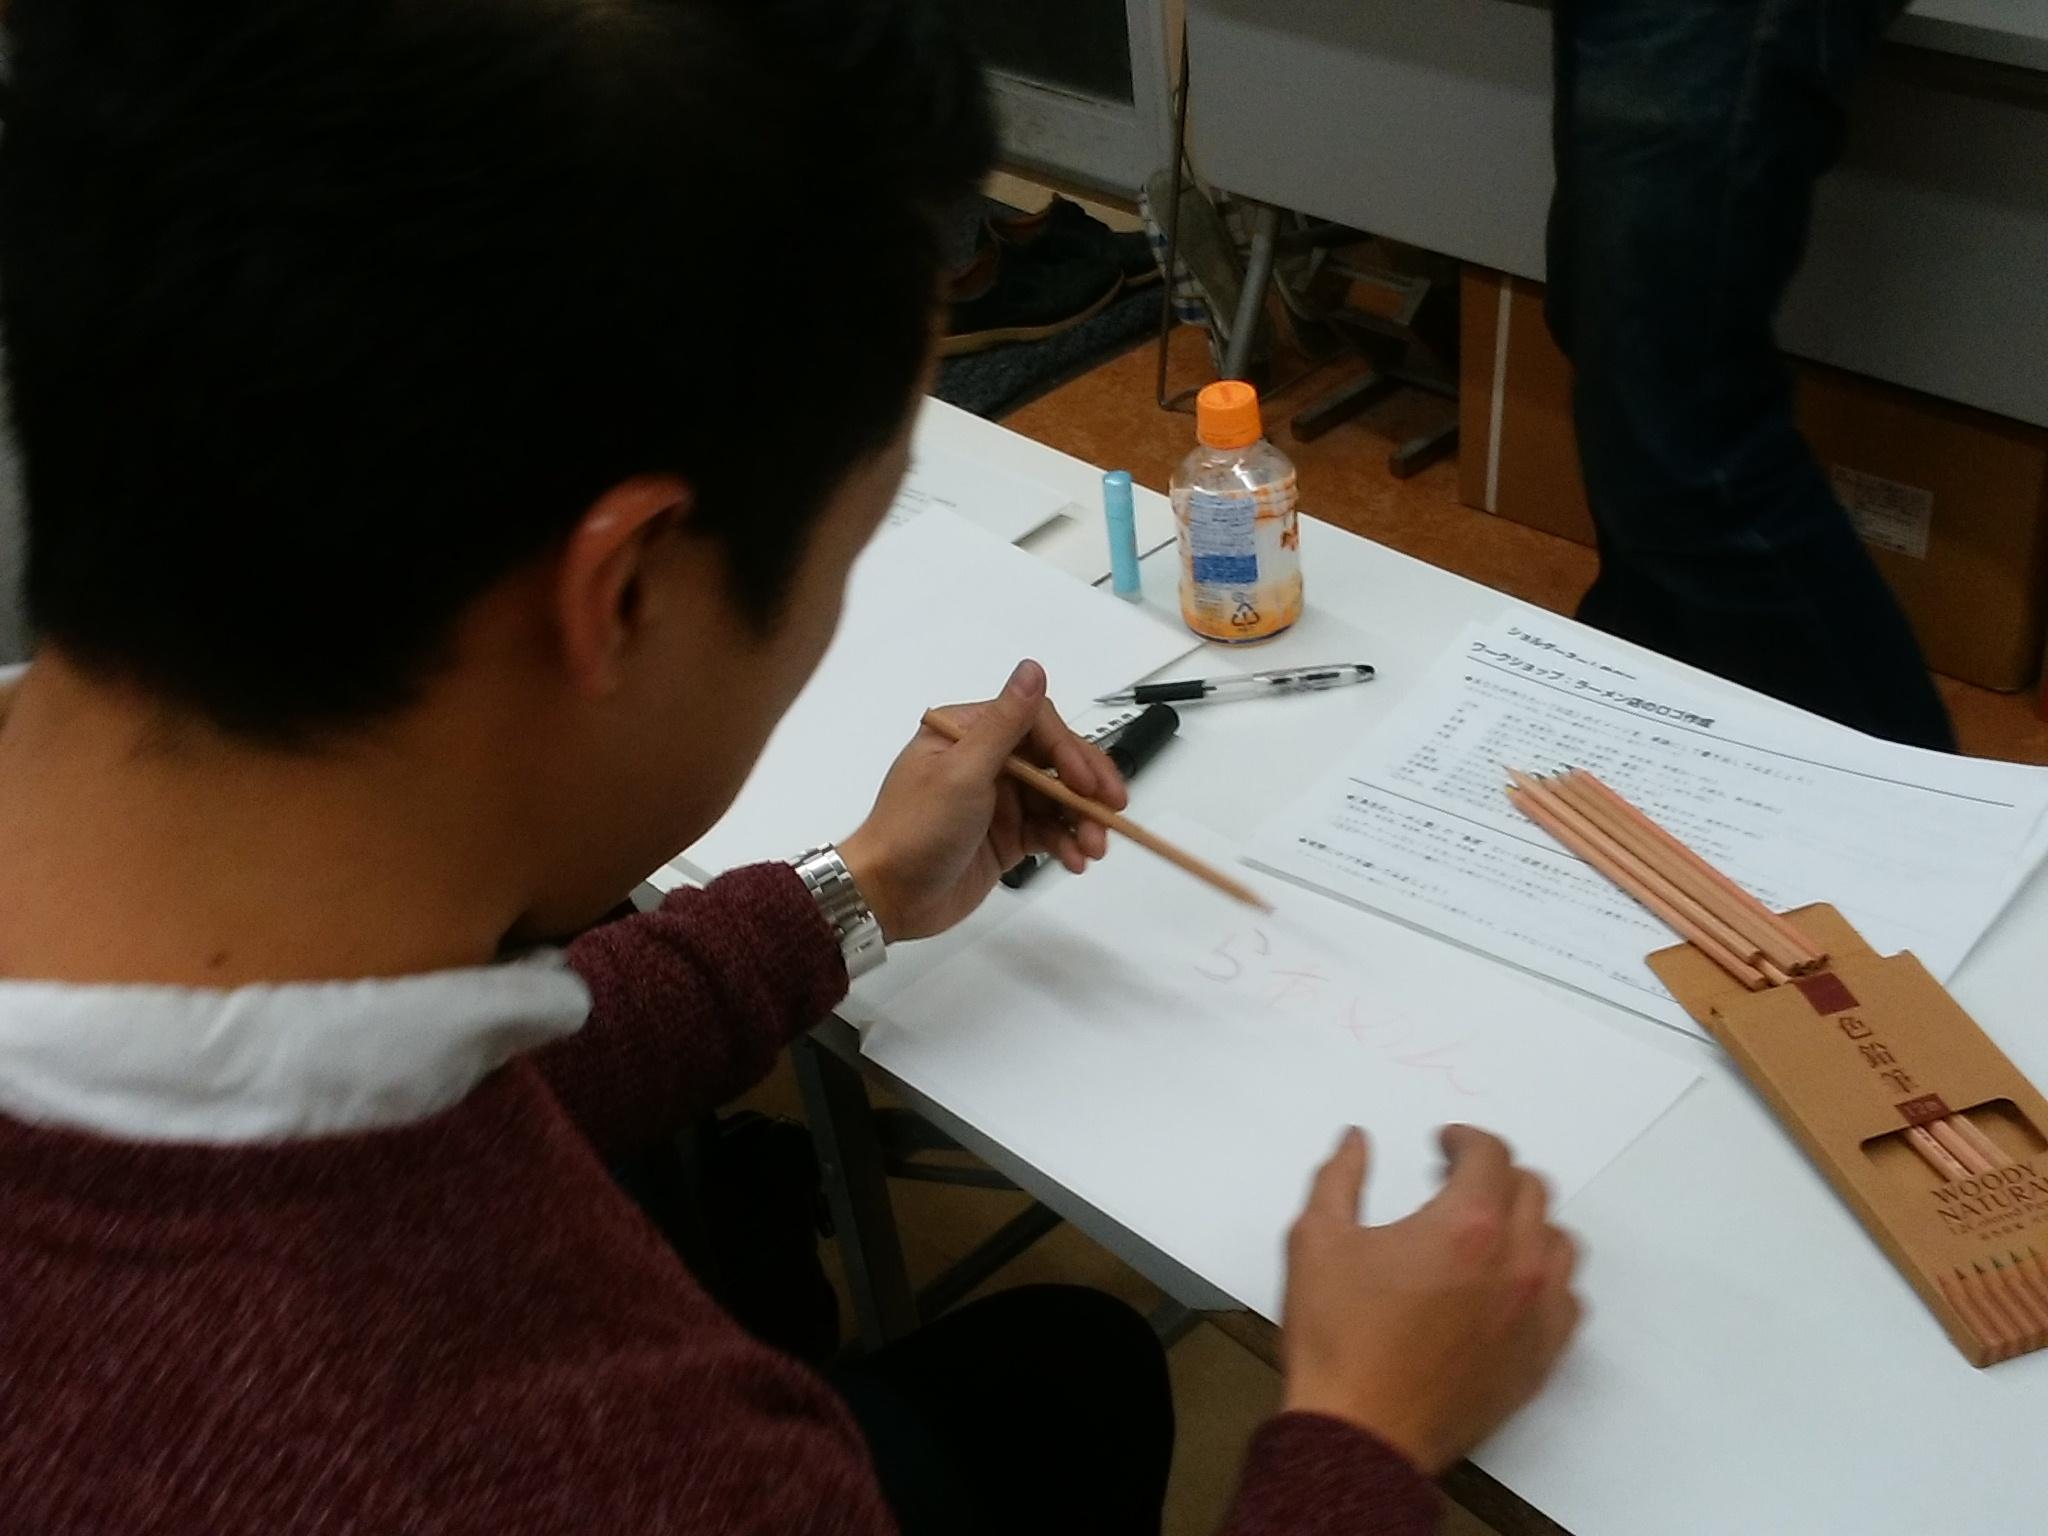 青木講師のデザイン講義 ロゴデザインワークショップ